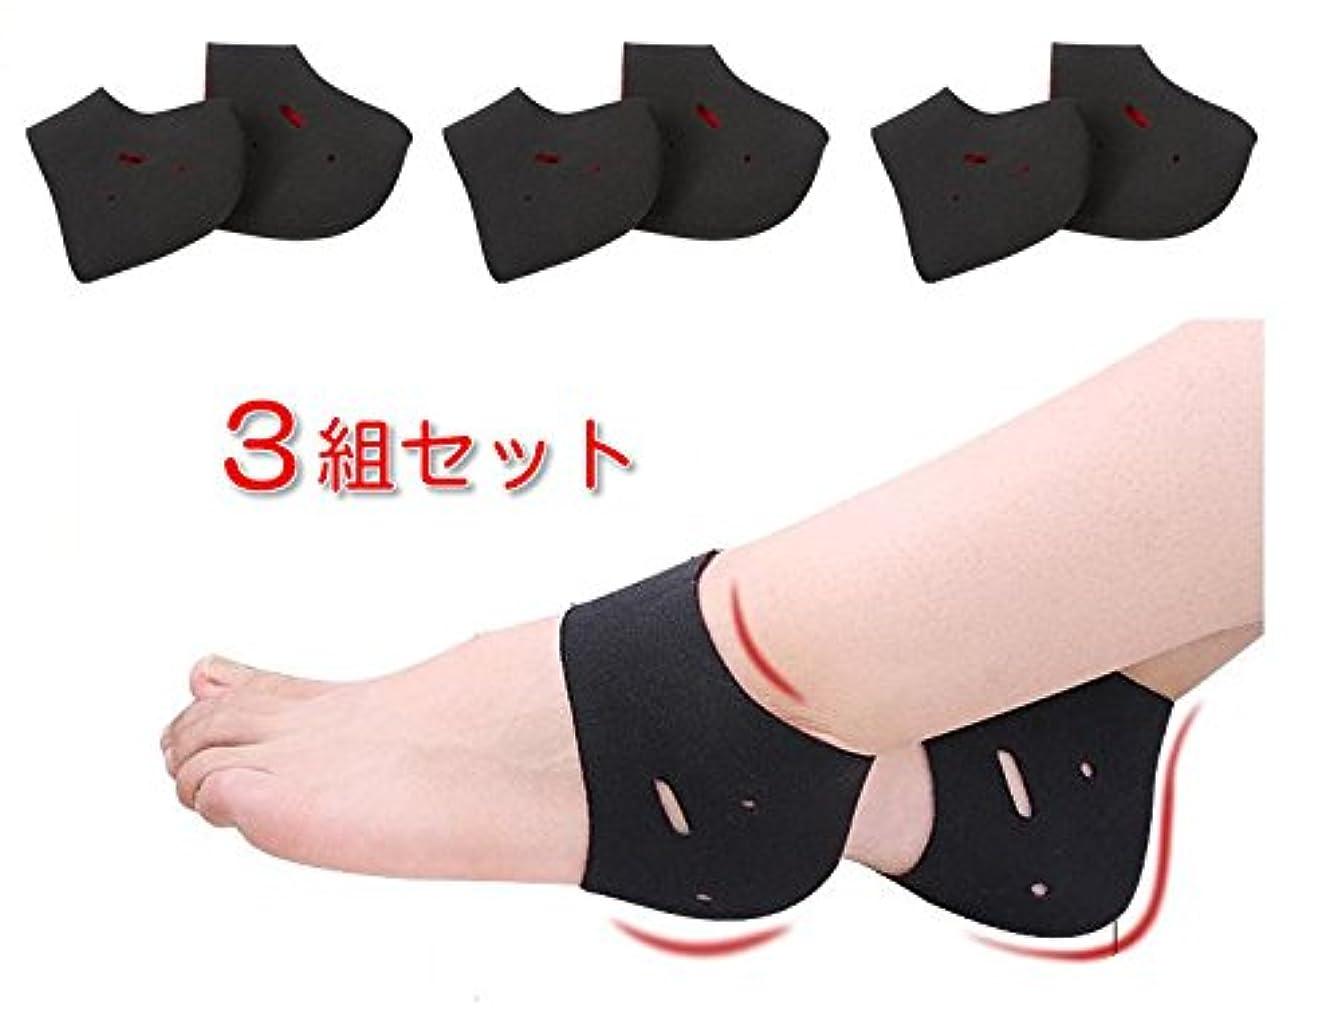 広告主怖いアーチLumiele かかとケア かかとサポーター 3足セット 両足用 角質ケア かかと靴下 (Mサイズ)